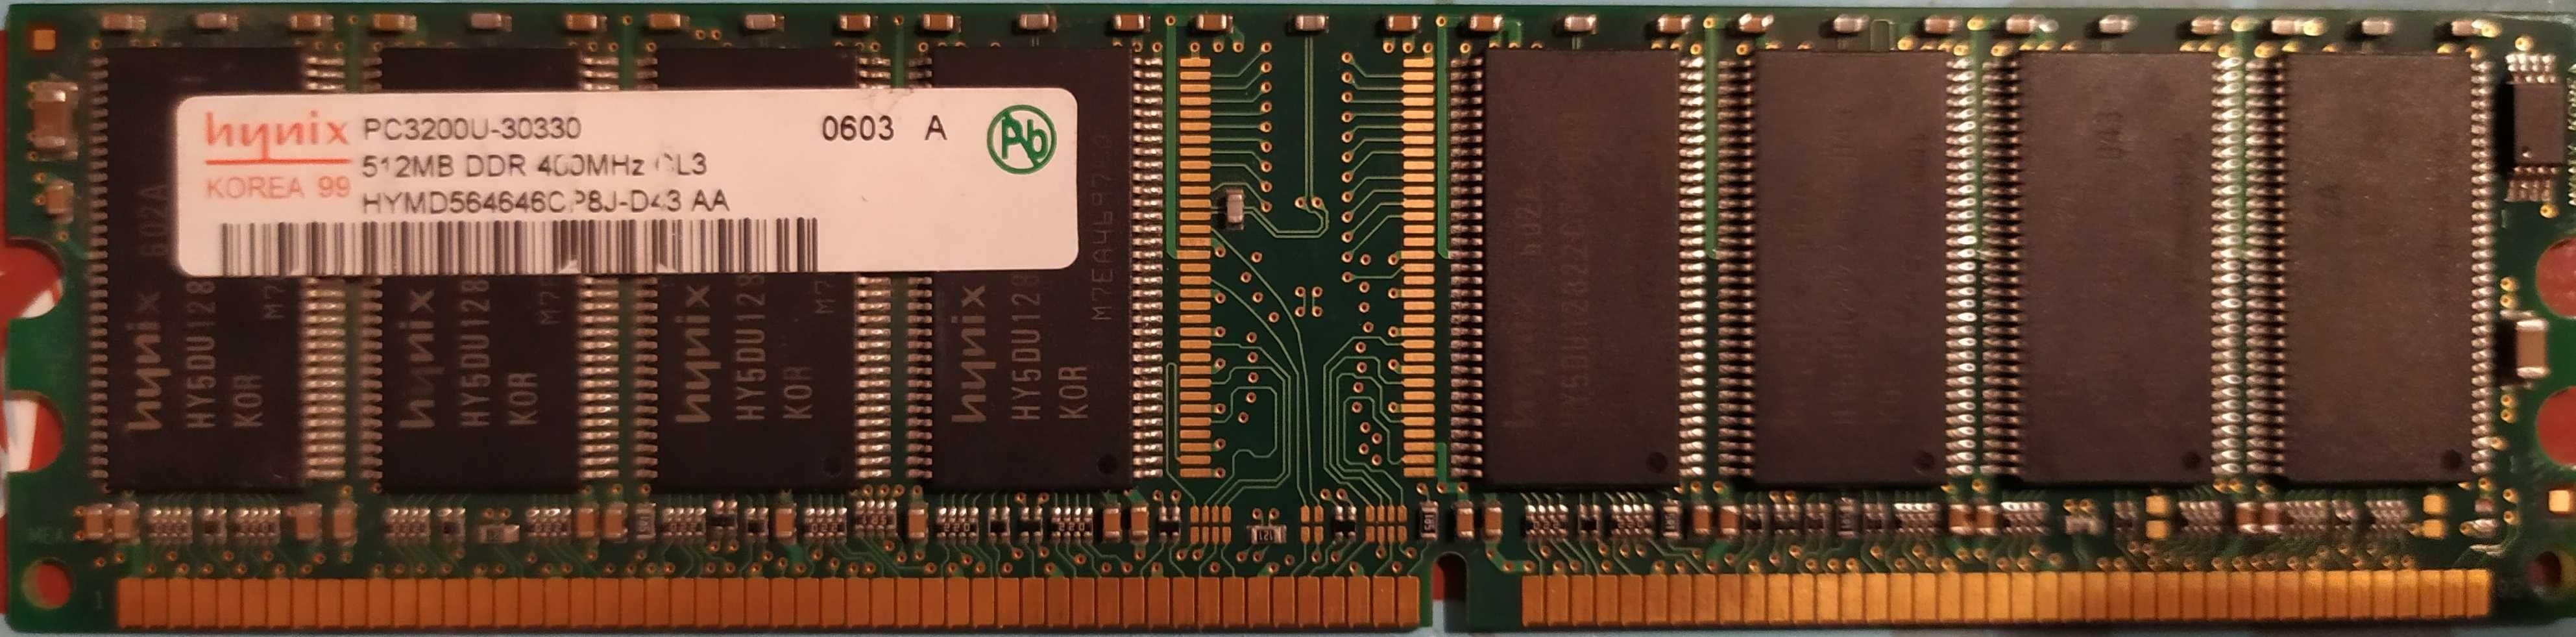 Hynix HYMD564646CP8J-D43